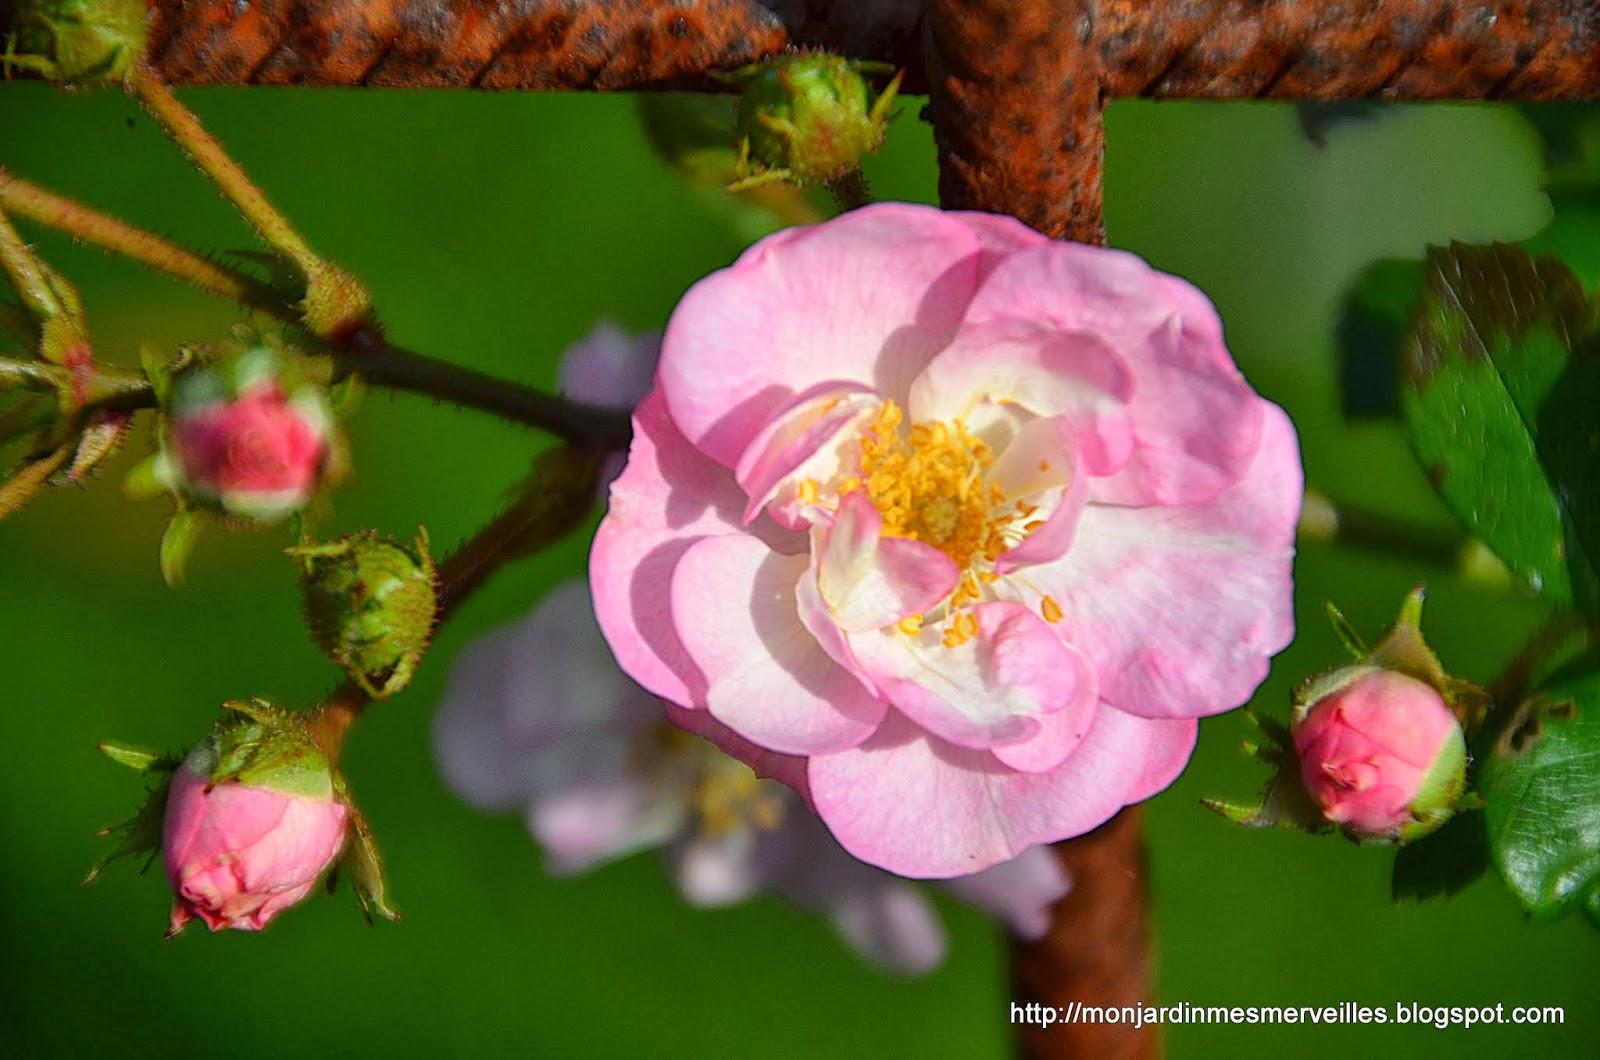 mon jardin mes merveilles: nouveaux rosiers 2013 : perrenial blush